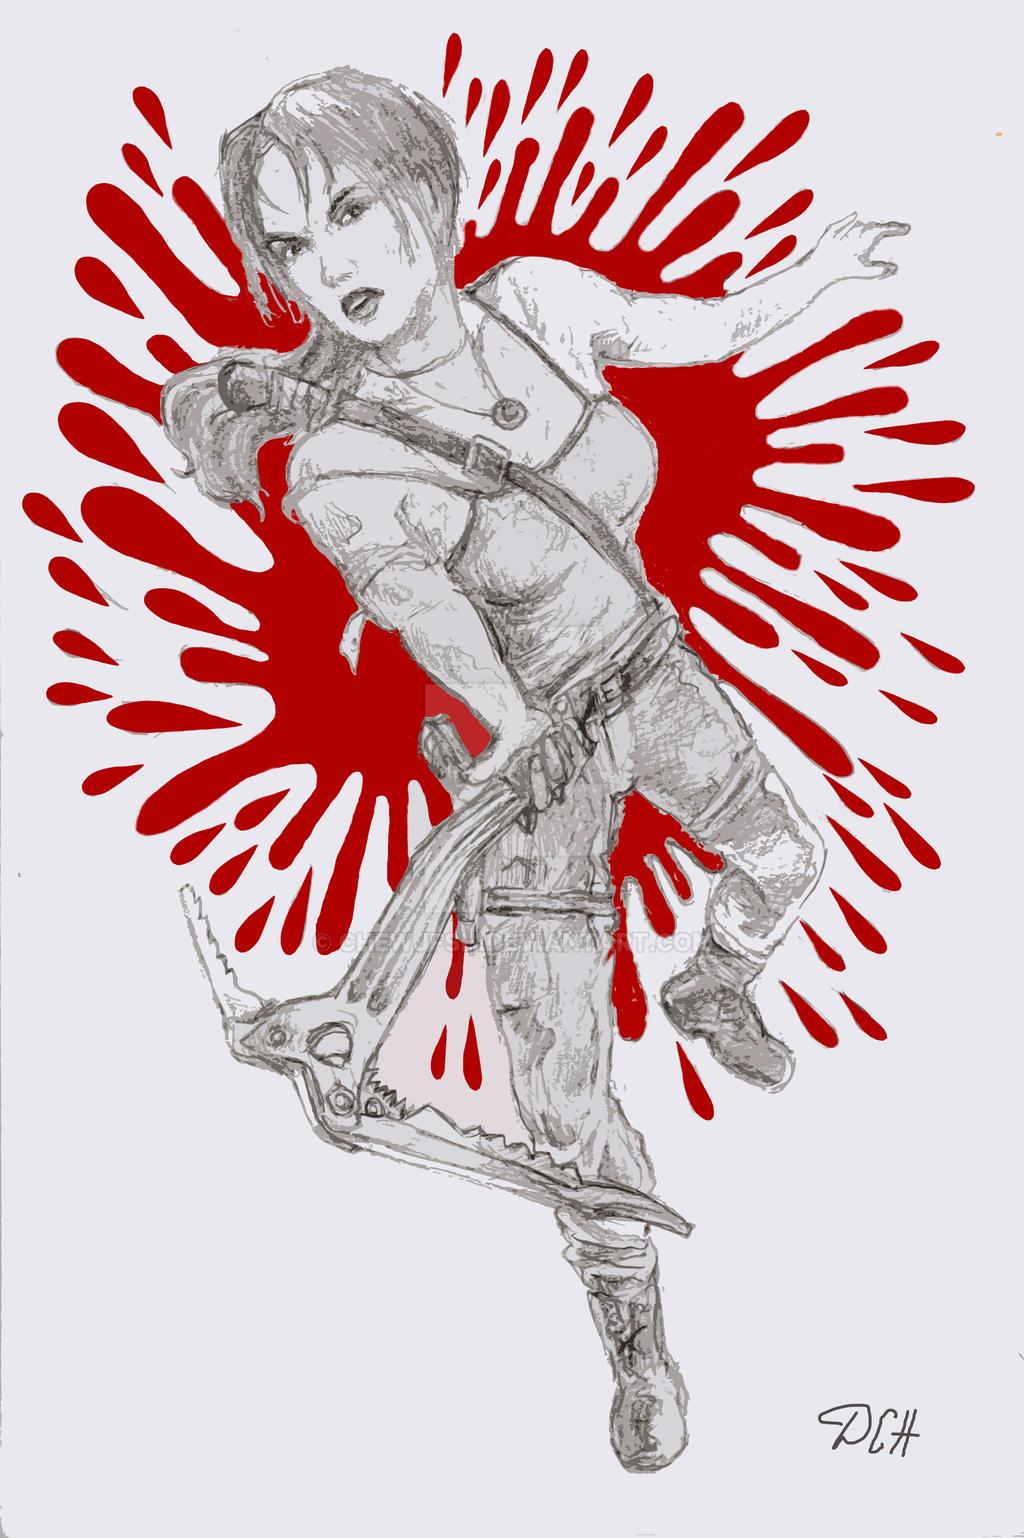 Lara's Swing by chewjfsh